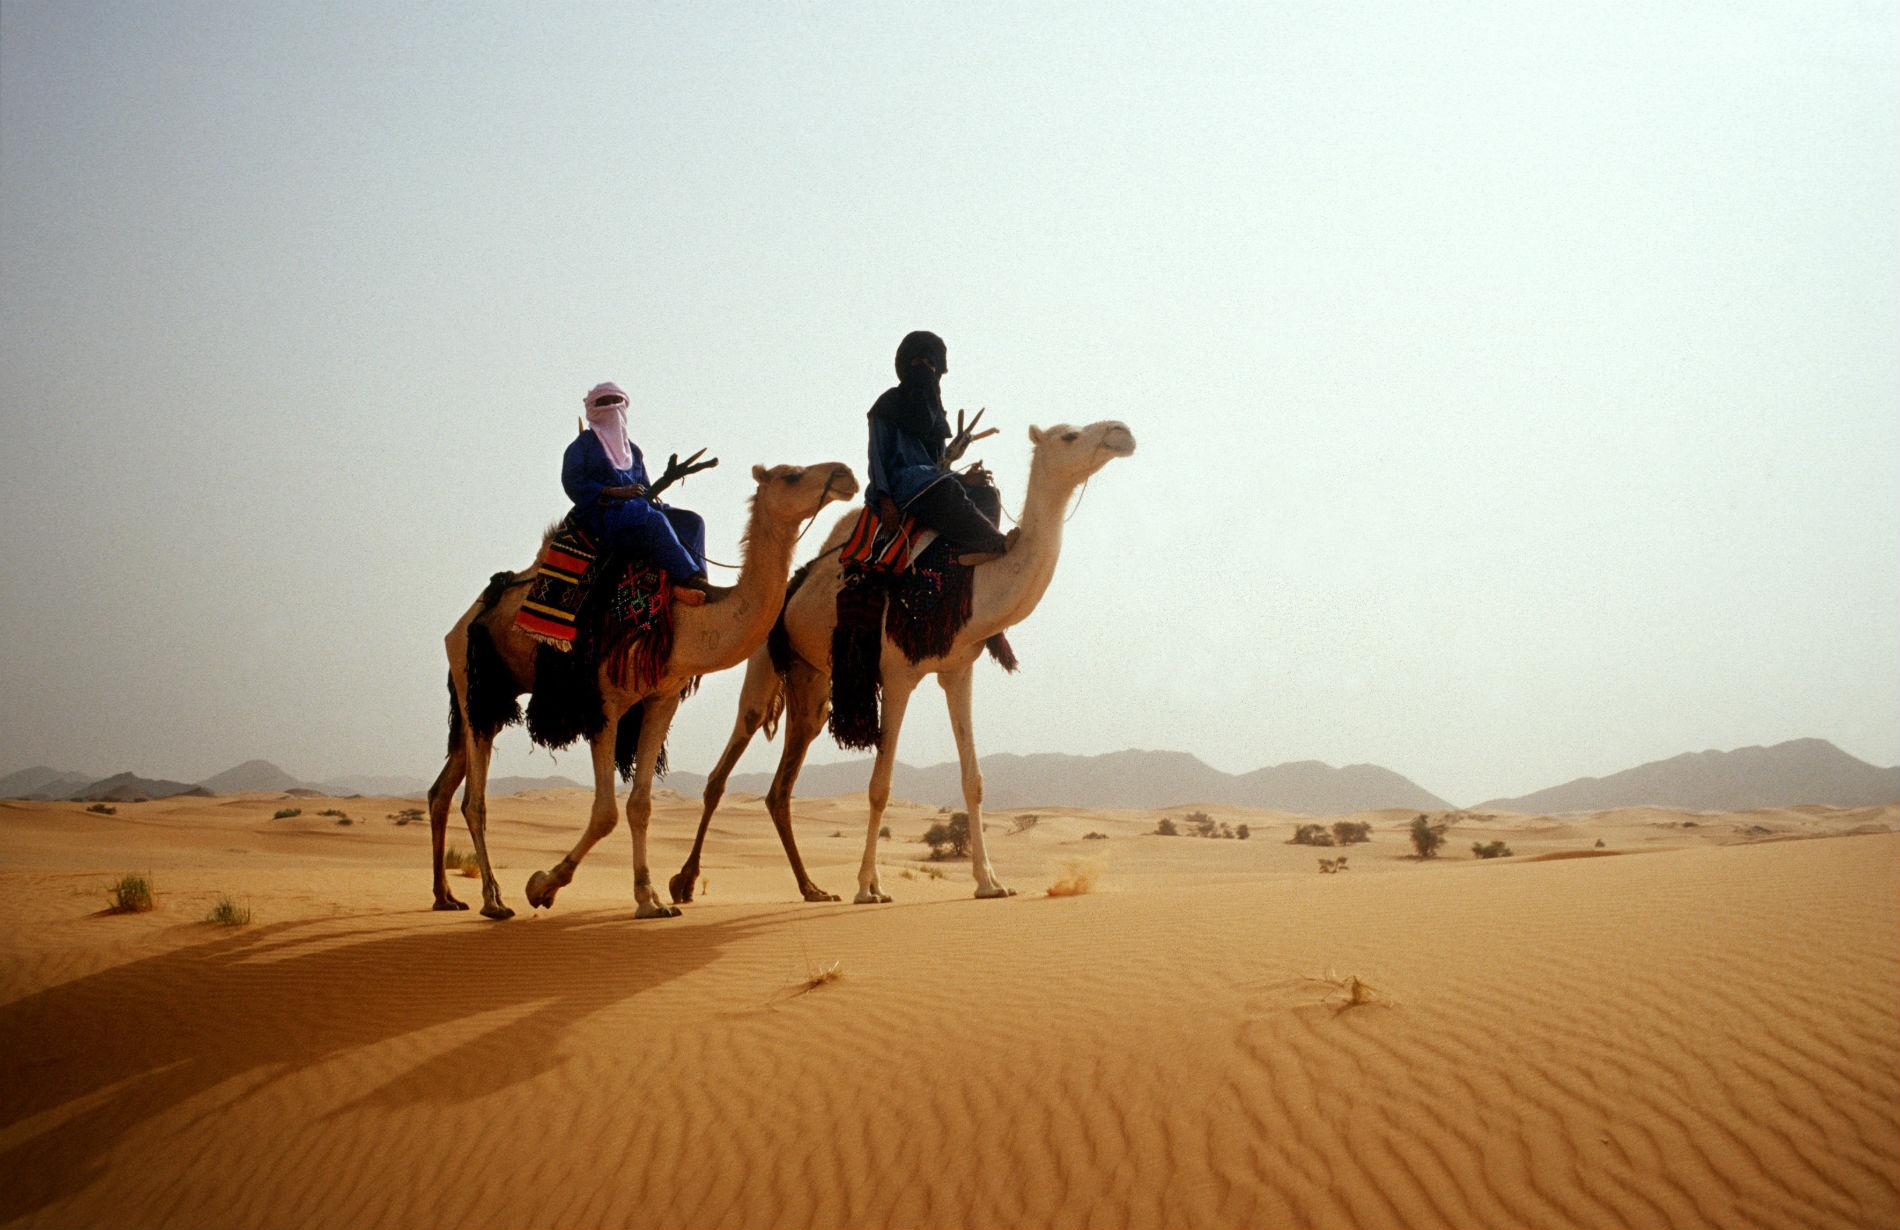 Nomads on Camels ©Henrietta Butler